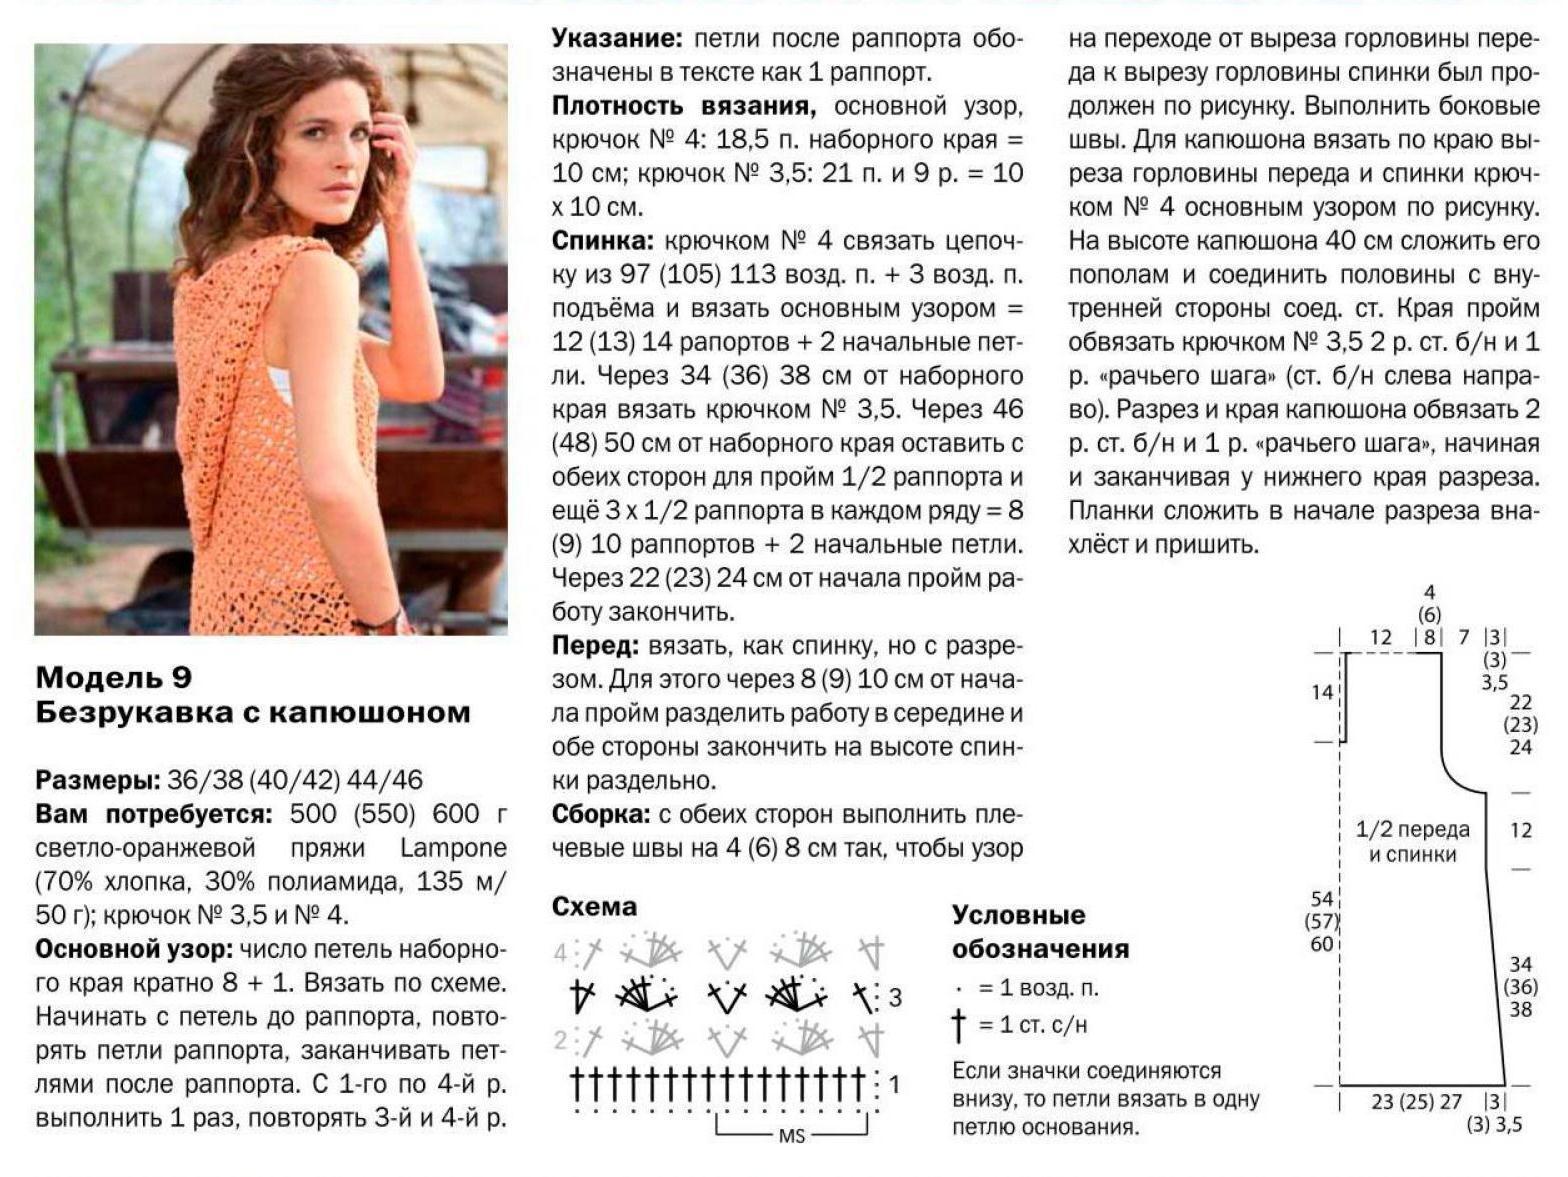 1397_VVHXtra022015_12 (2)